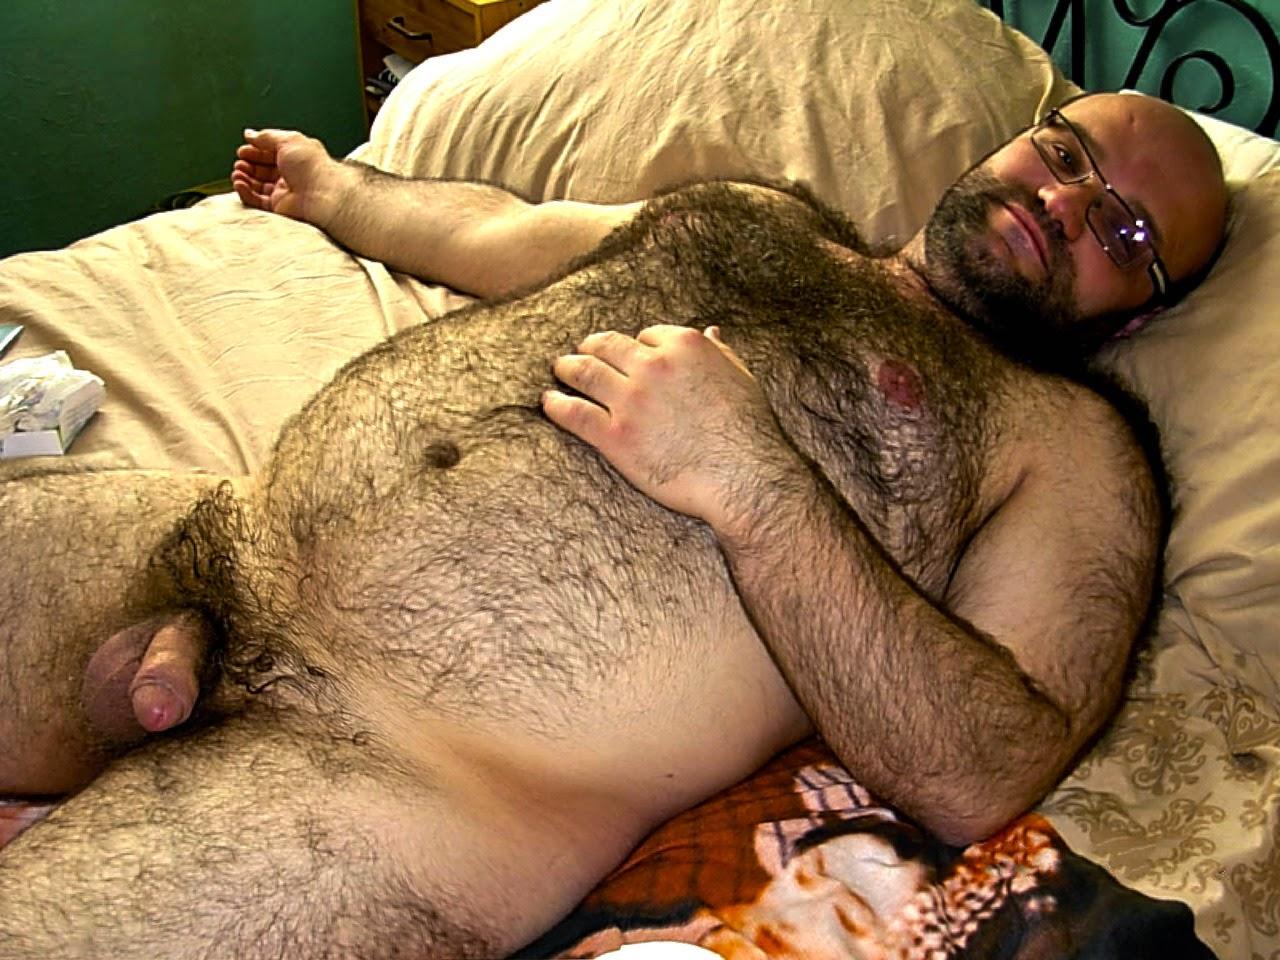 9-porno.ru Волосатые мужики голые